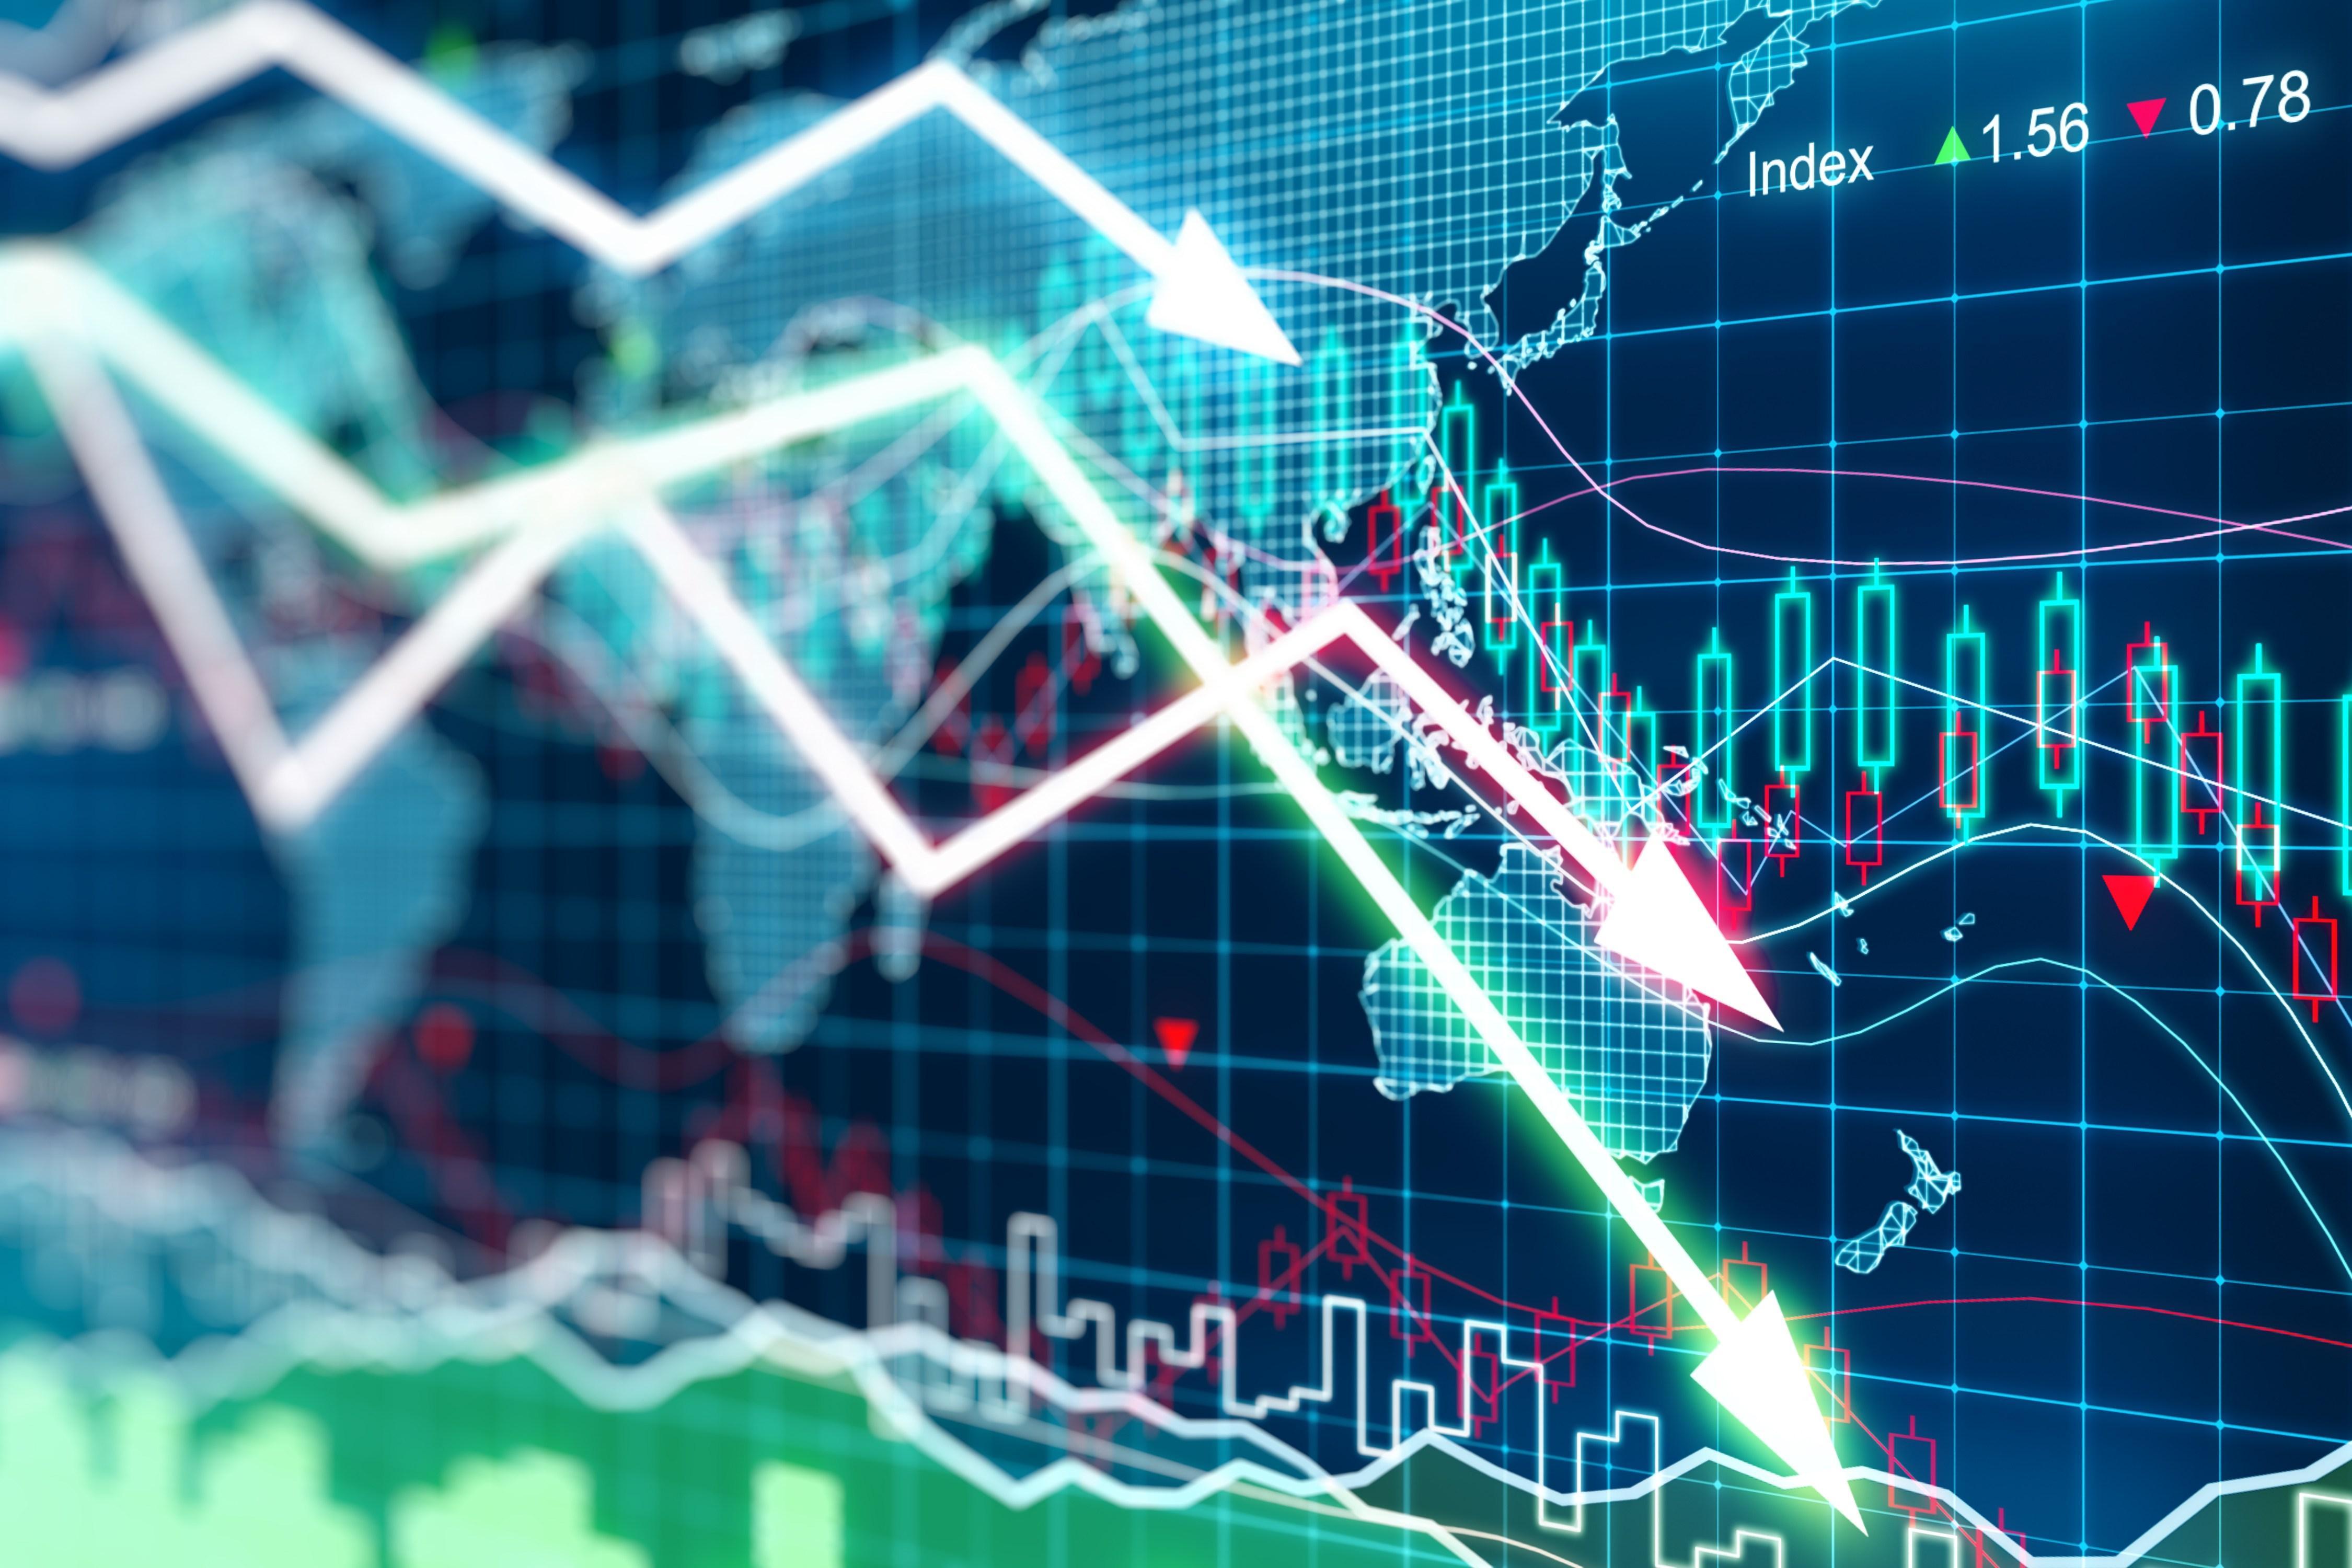 Темпы роста глобальной экономики замедляются